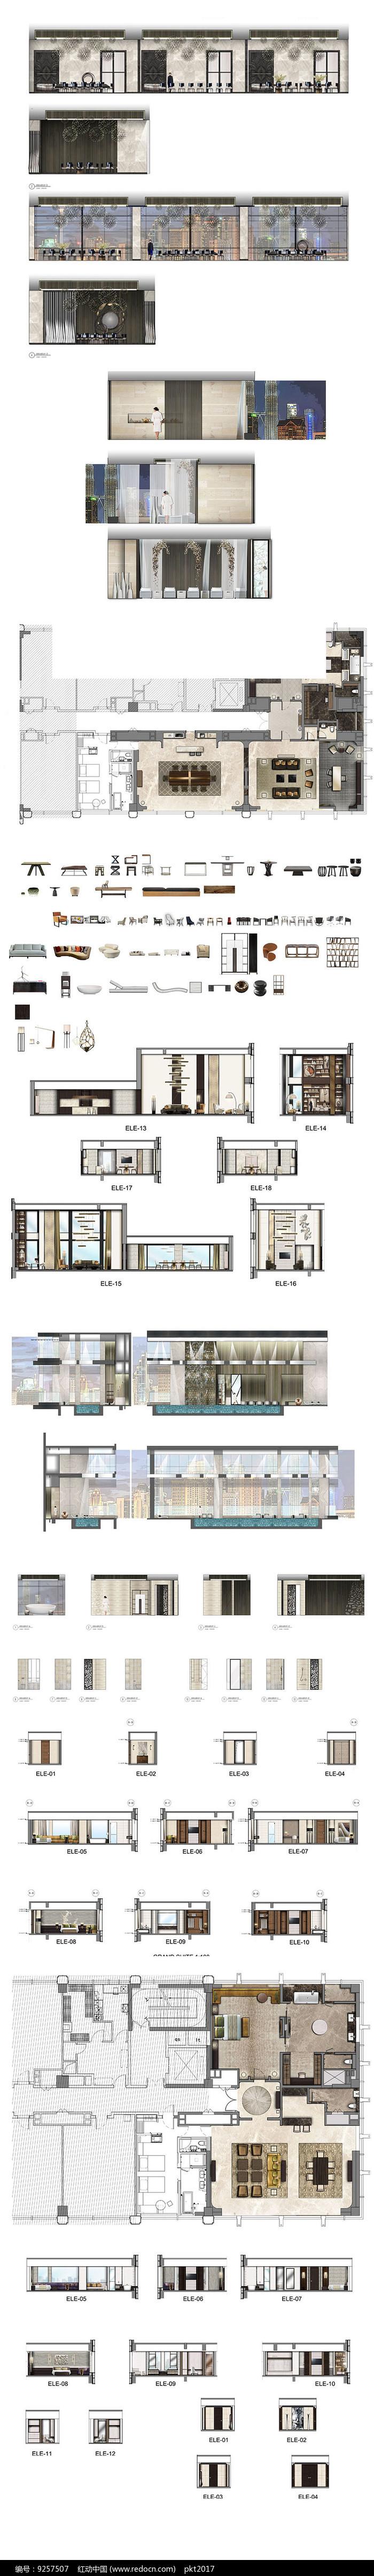 PSD家居装饰彩平图图片